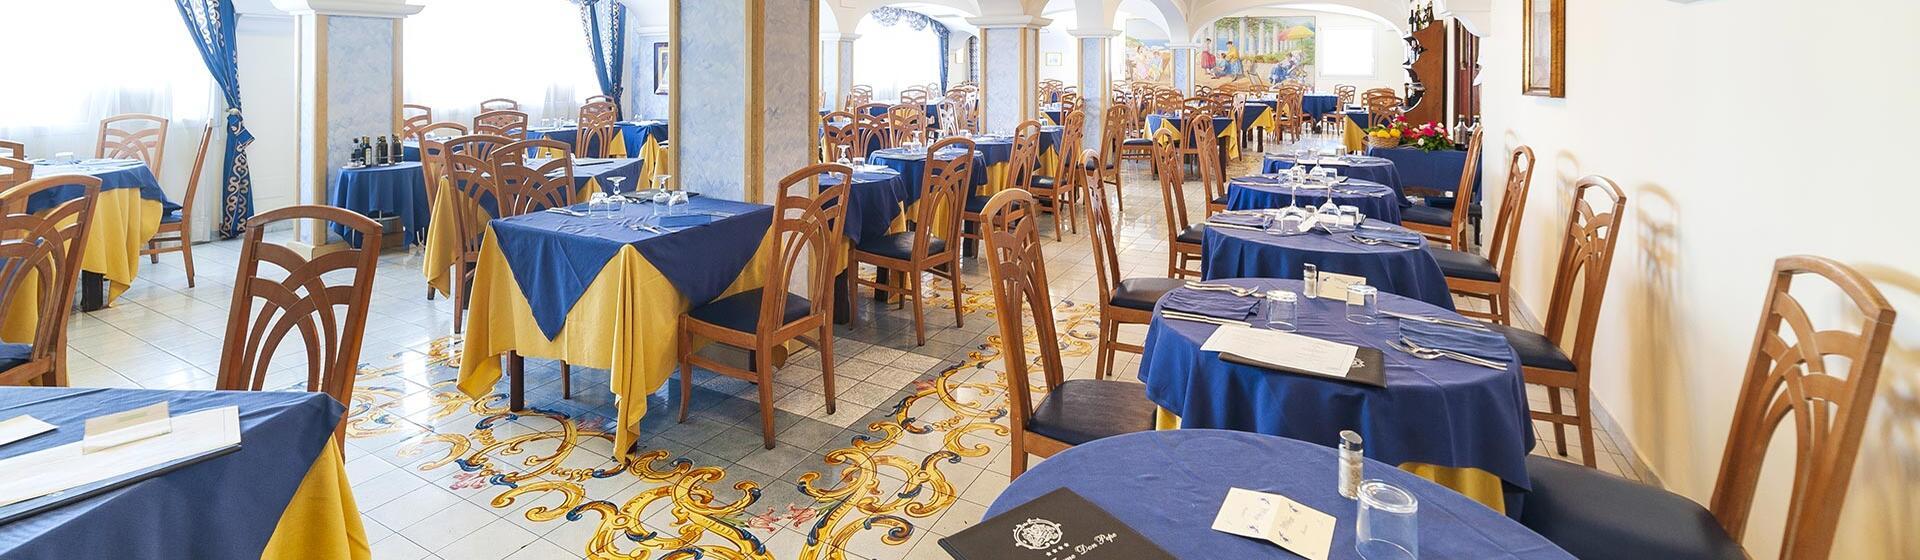 hoteldonpepe it ristorante 005